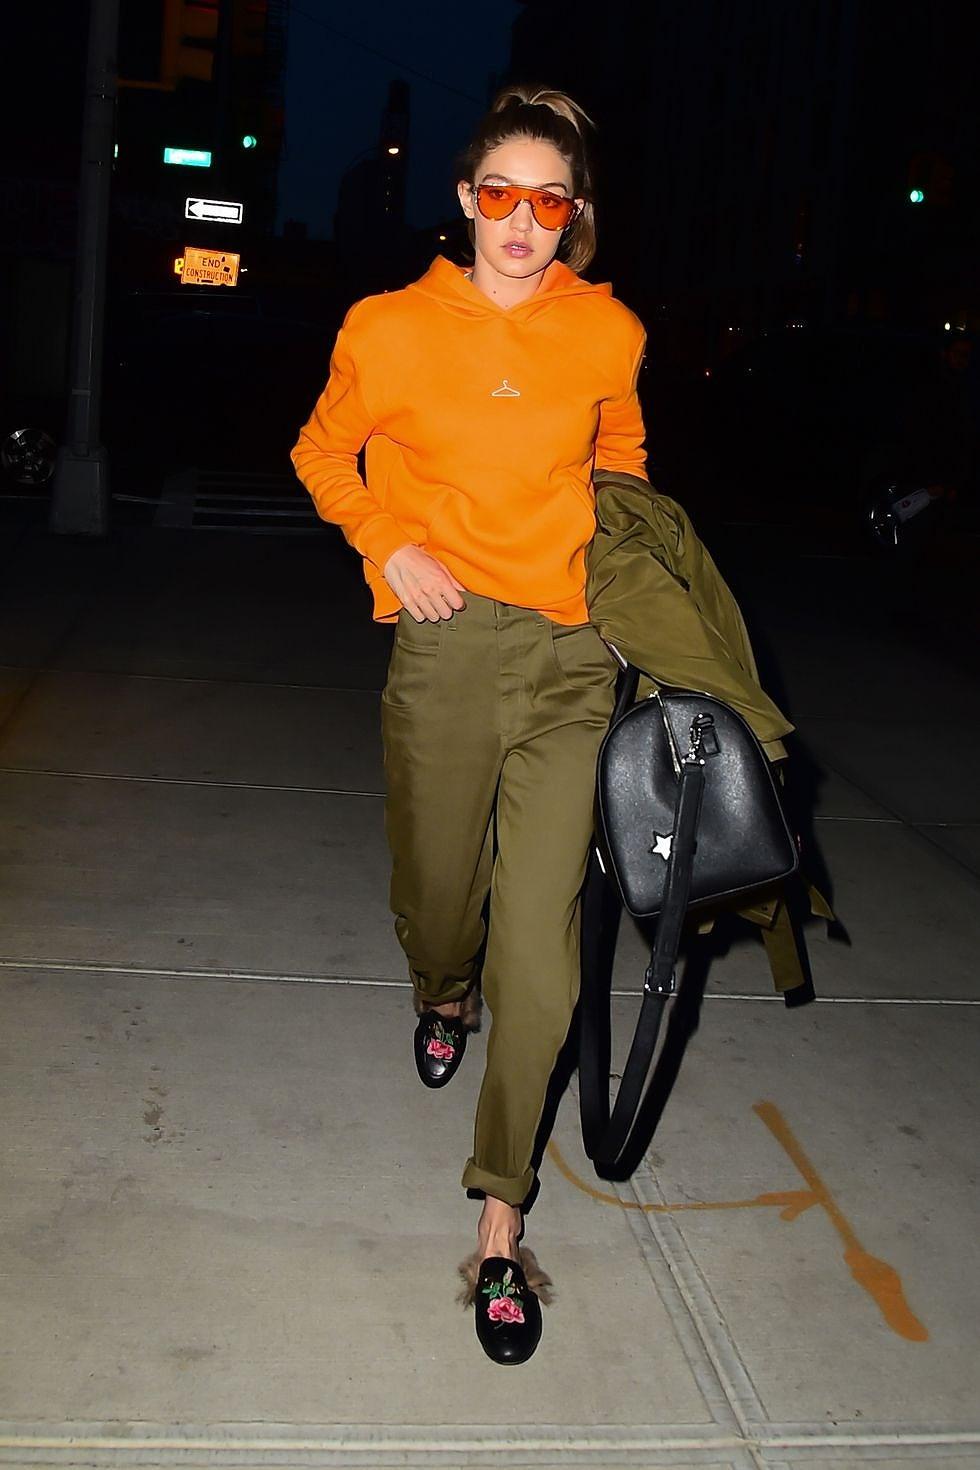 Nàng mẫu Gigi Hadid cuốn hút với gu thời trang kín đáo thời thượng Ảnh 9